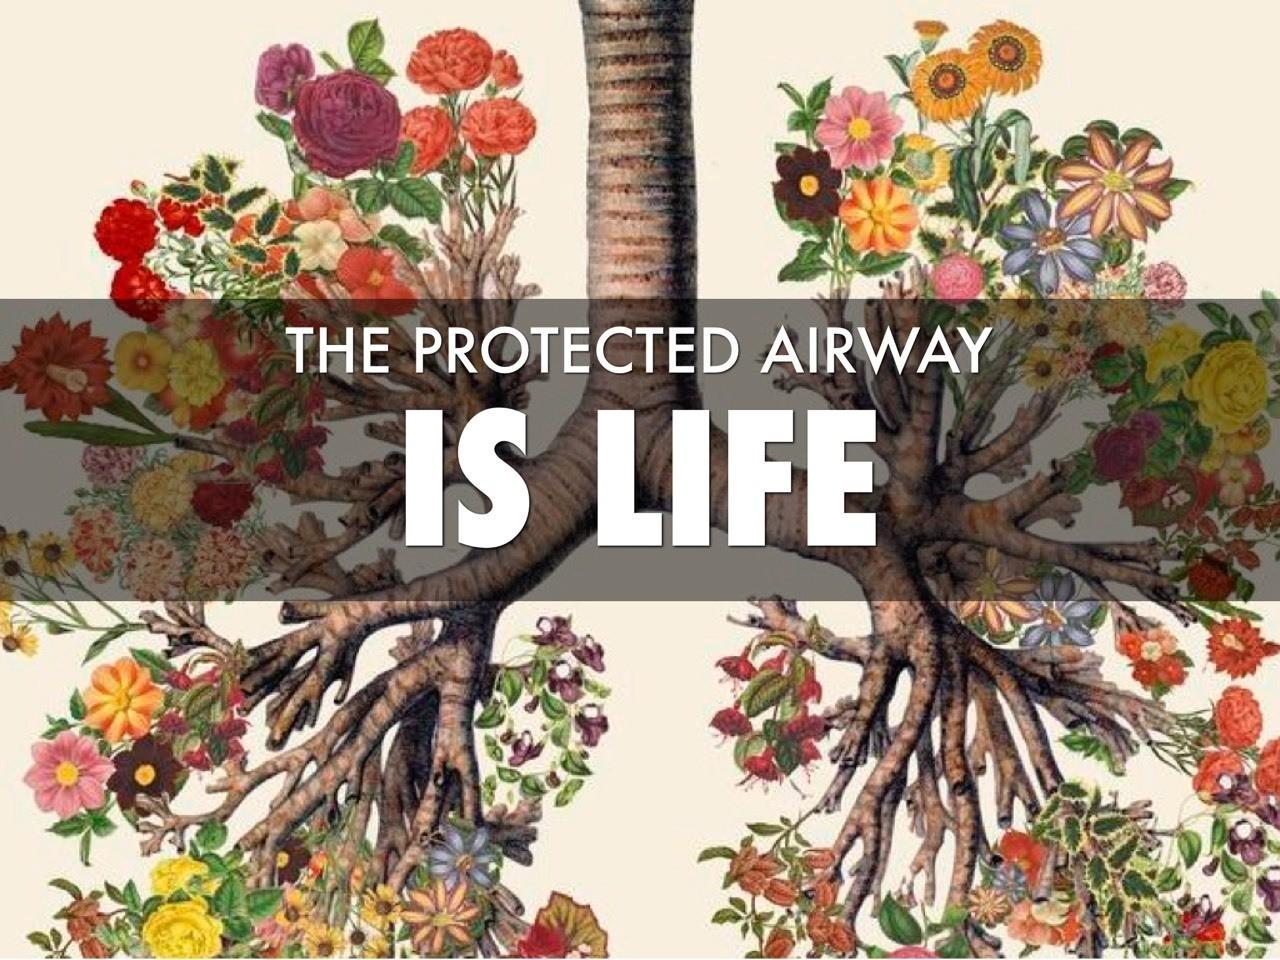 #protectedairway #airway2016